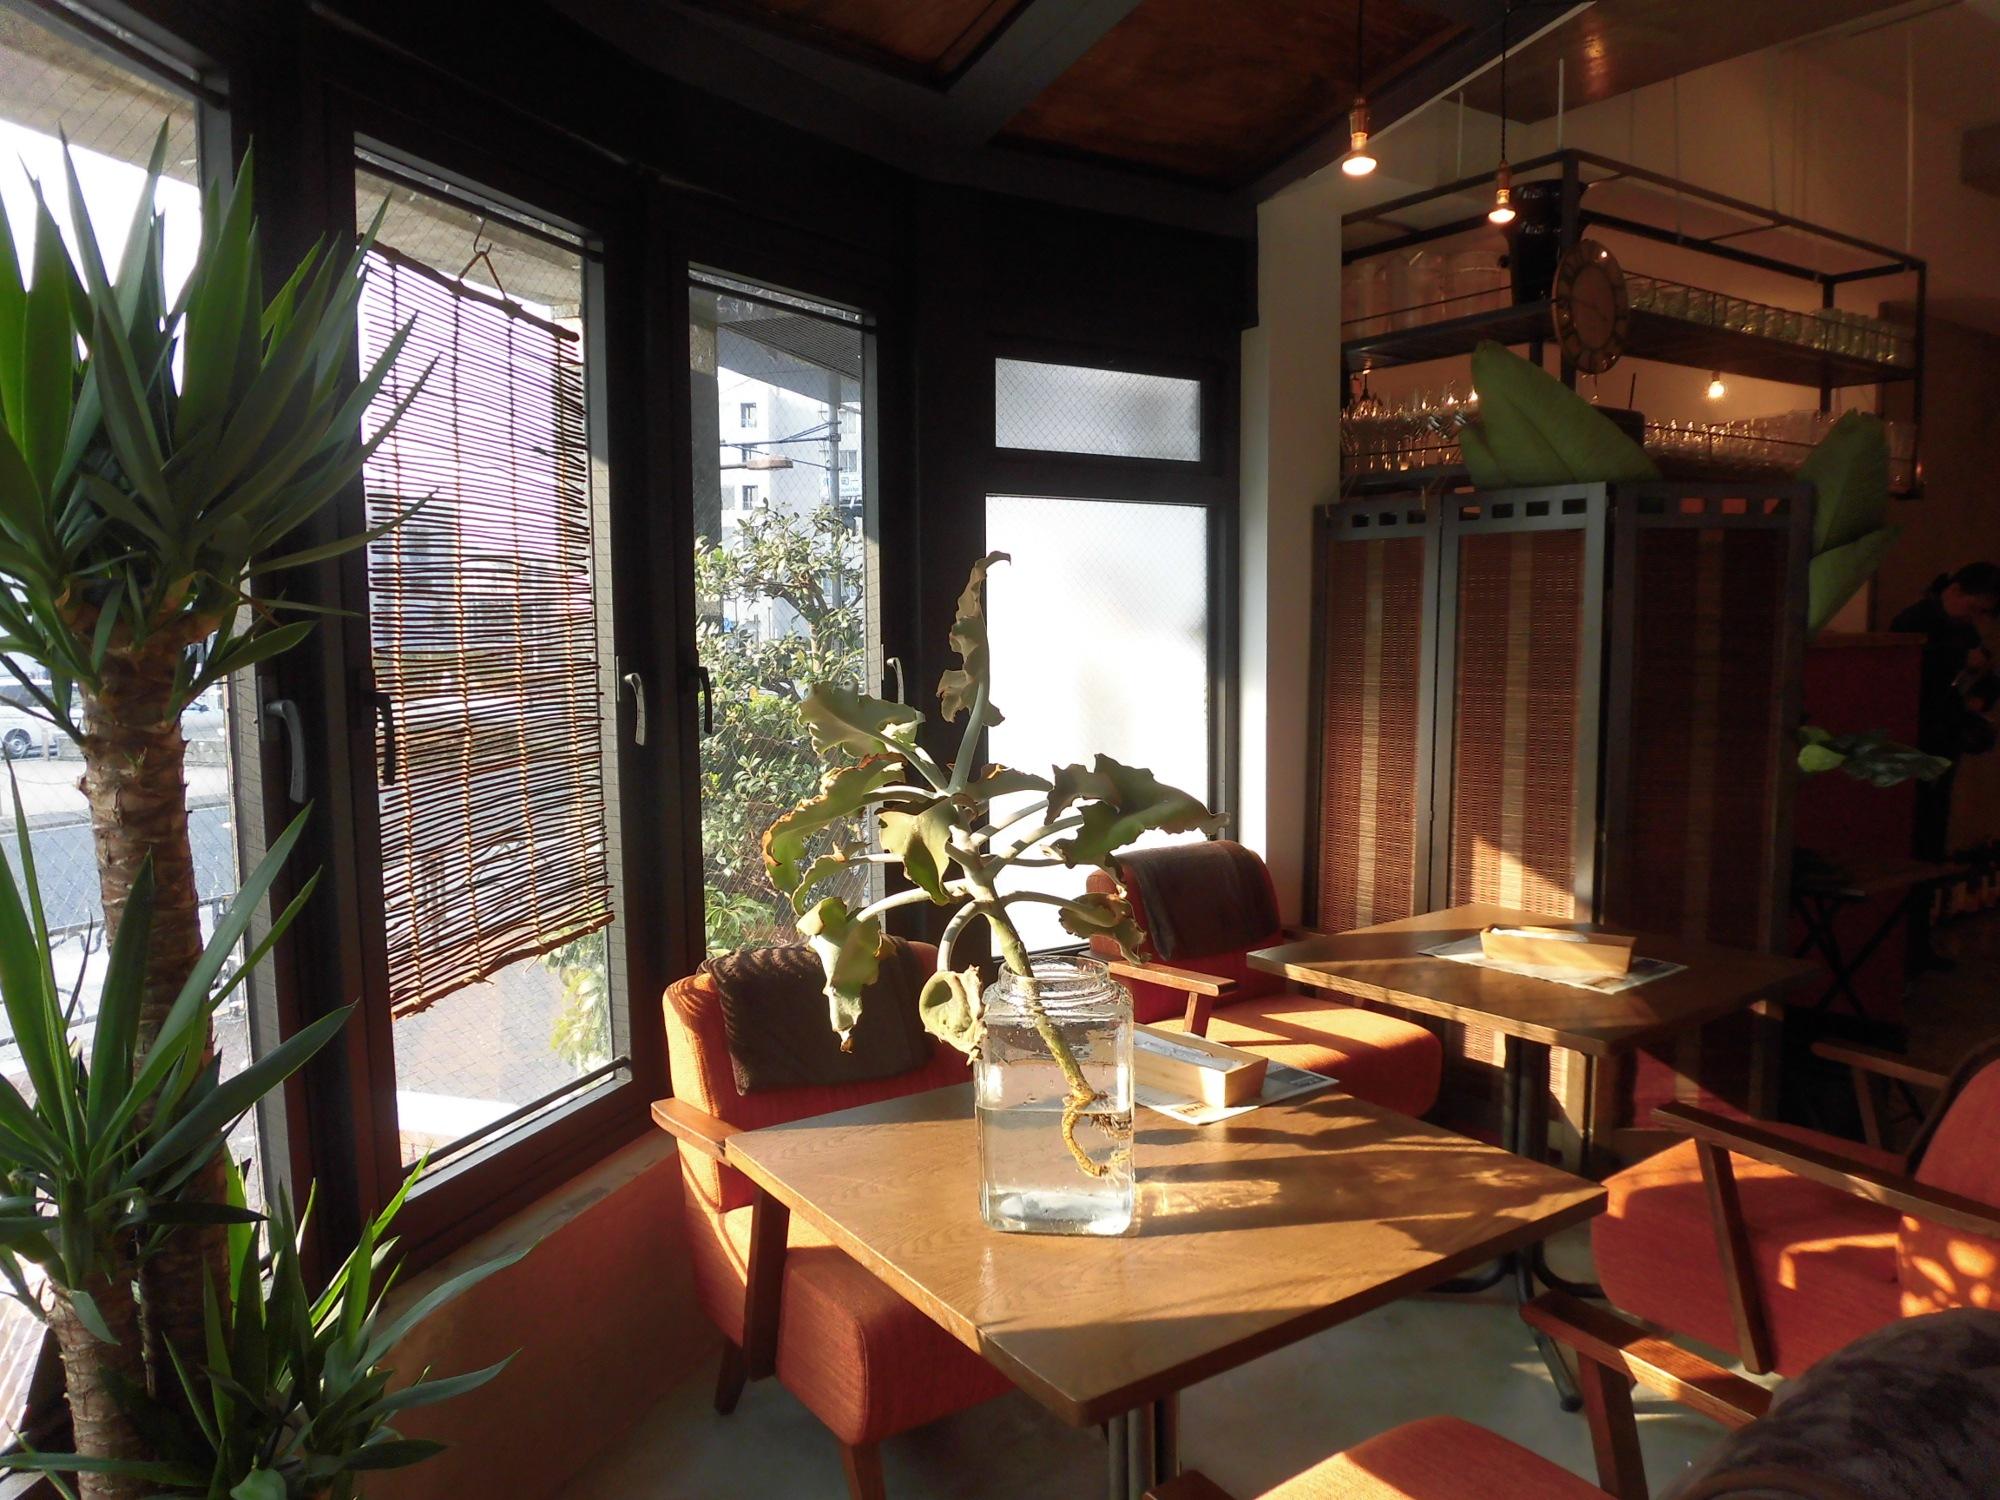 Cafe&dining deliver